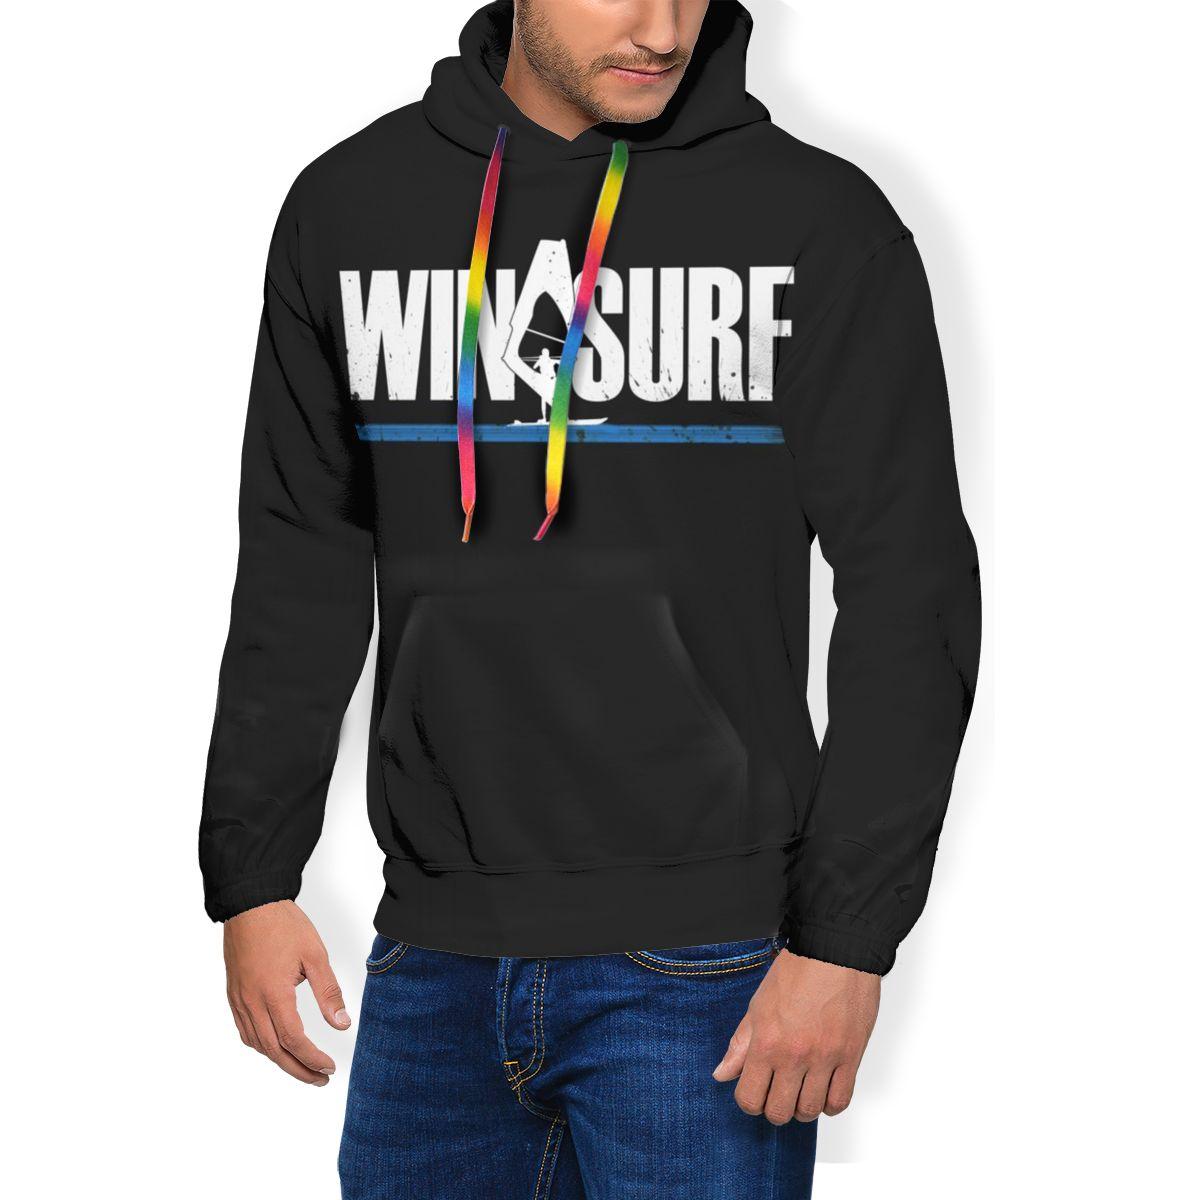 Виндсерфинга Толстовка виндсерфинга веревка для толстовки хороший большой пуловер худи из полиэстера